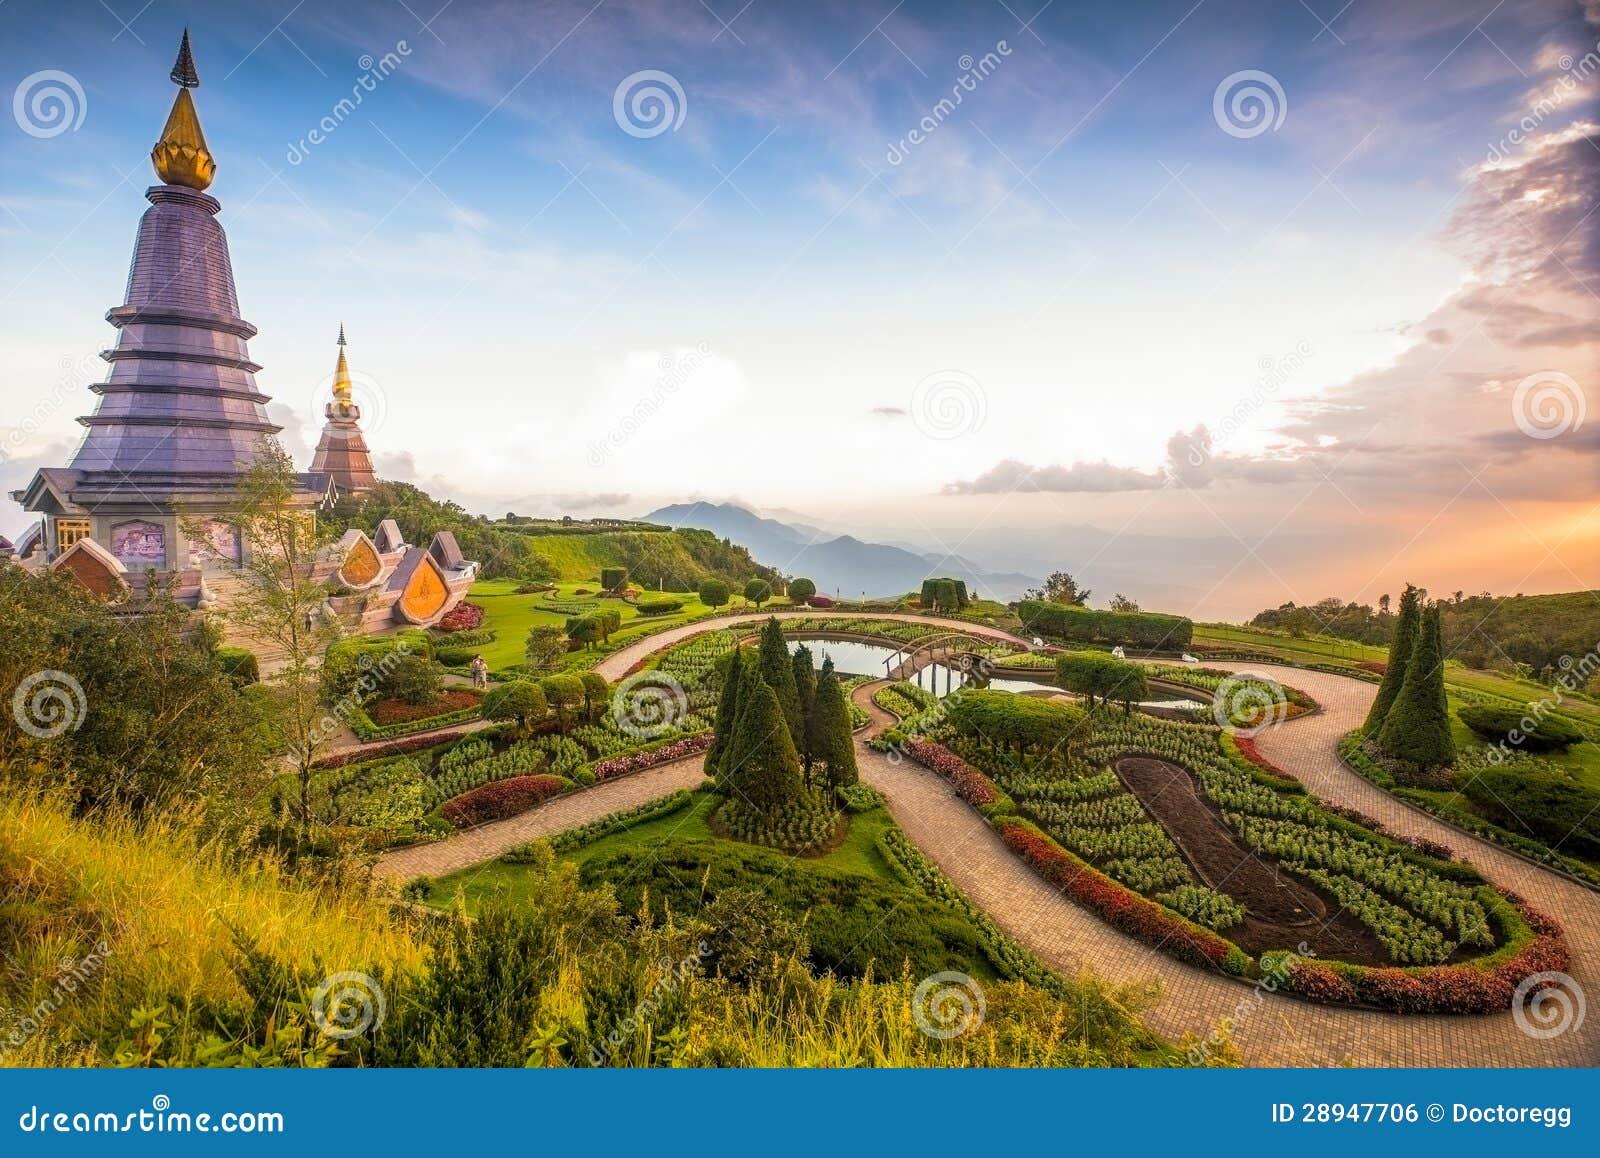 Doi Inthanon, Chiang Mai, do norte de Tailândia